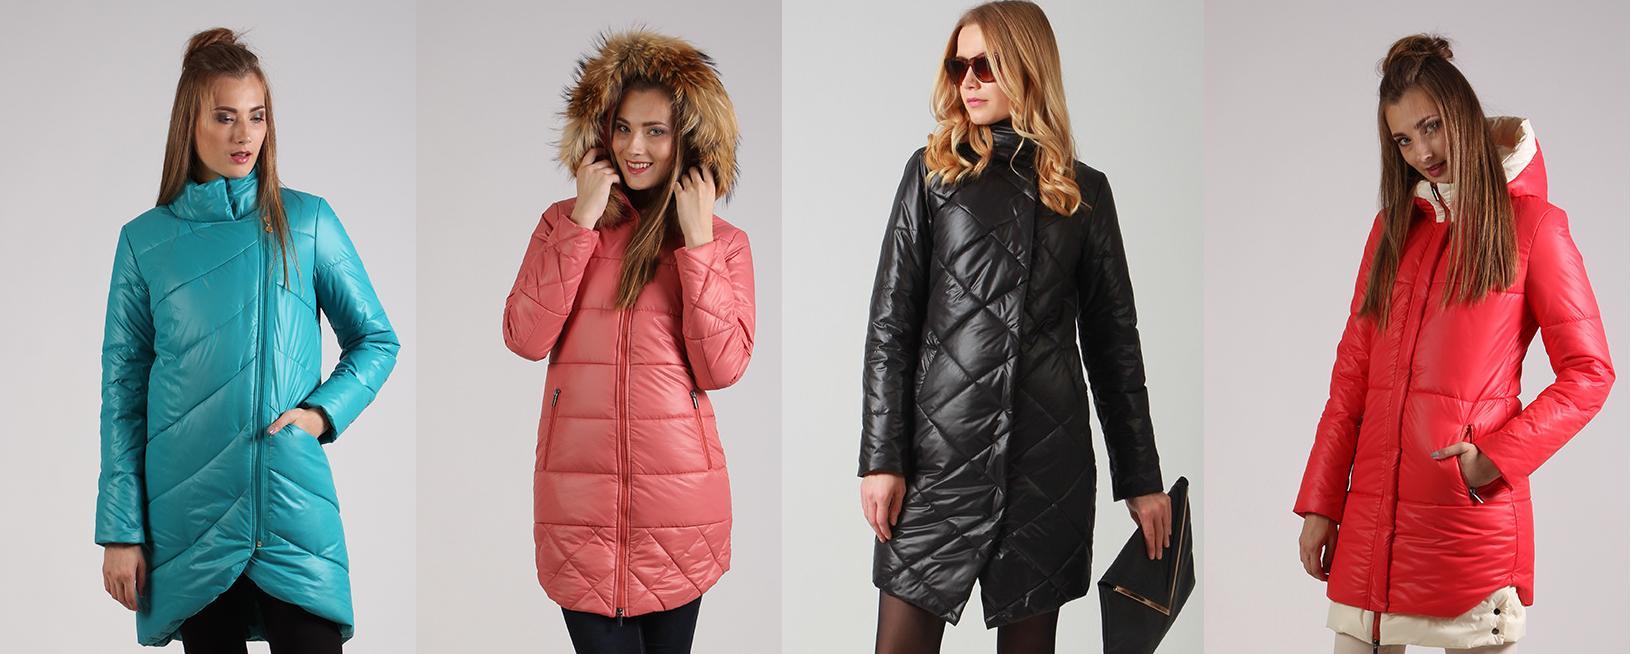 ТwinТiр - 44. Новые стильные модели осенней и зимней коллекций верхней женской одежды белорусского производителя. Пальто, куртки, парки, плащи, ветровки. А так же распродажа весенней коллекции. Большой выбор!Без рядов!